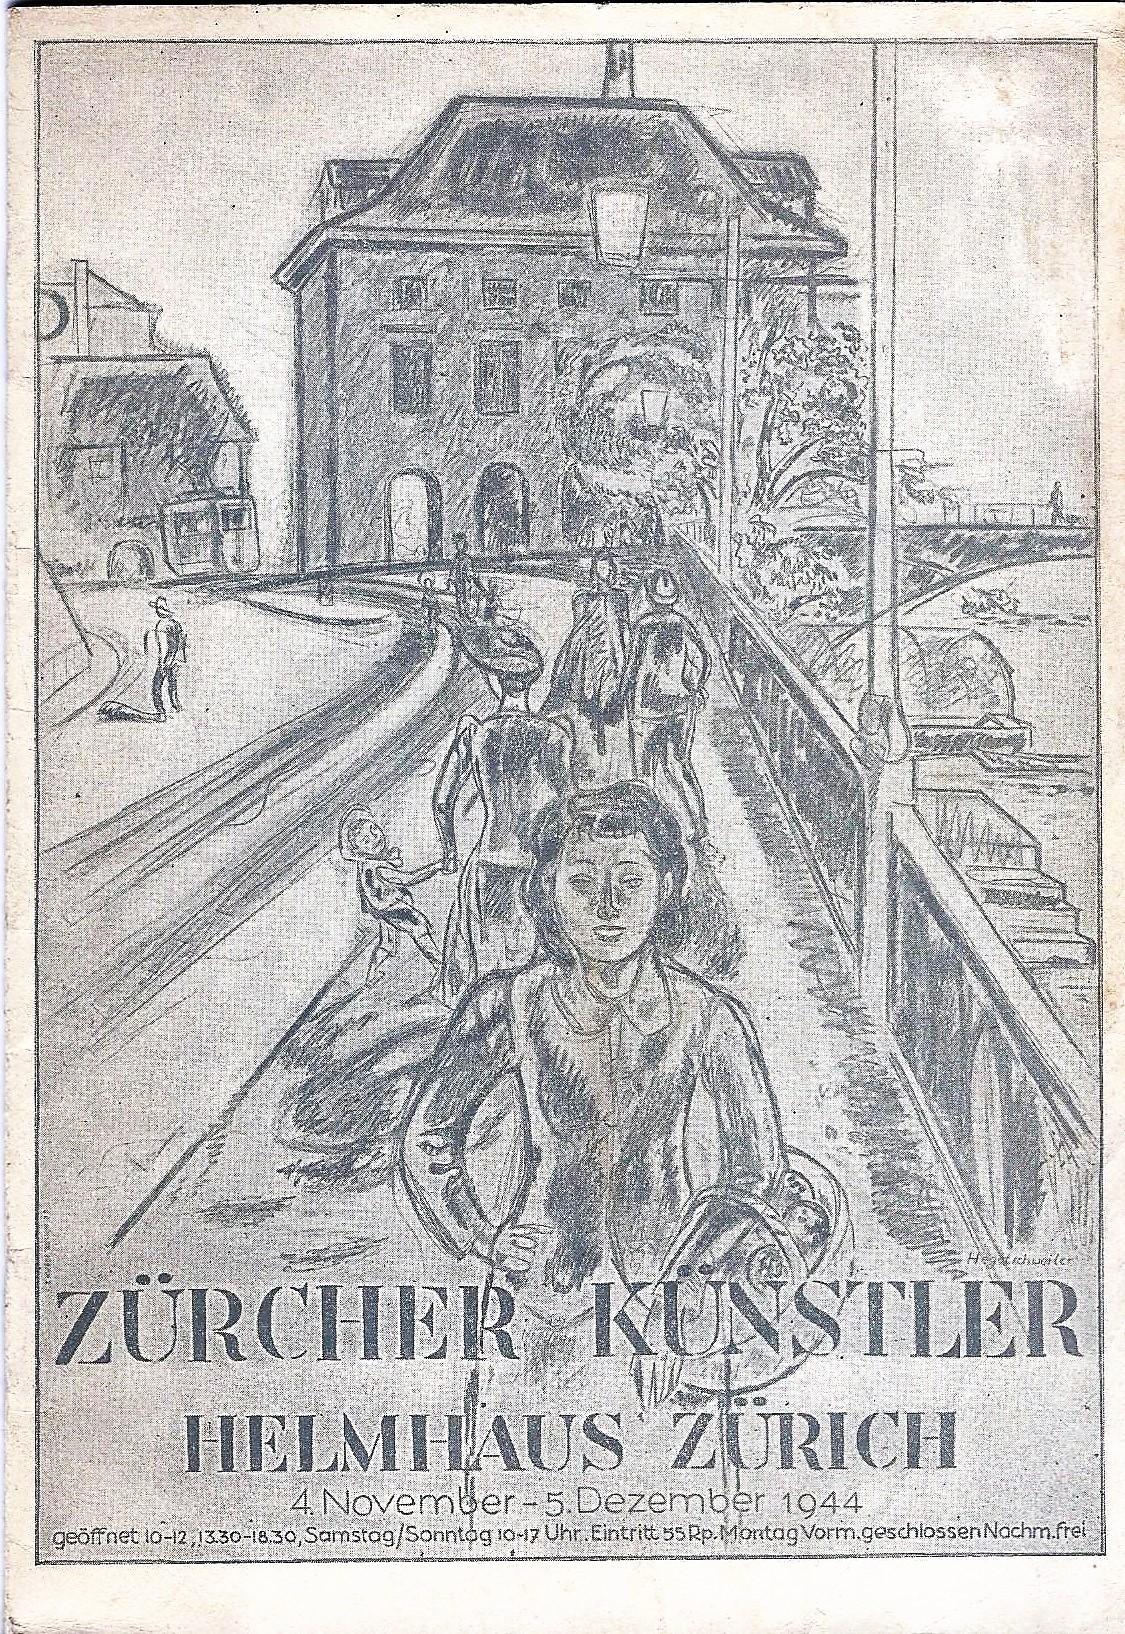 Ausstellung Zürcher Künstler im Helmhaus, 4. November: Stadt Zürich, Hrsg.